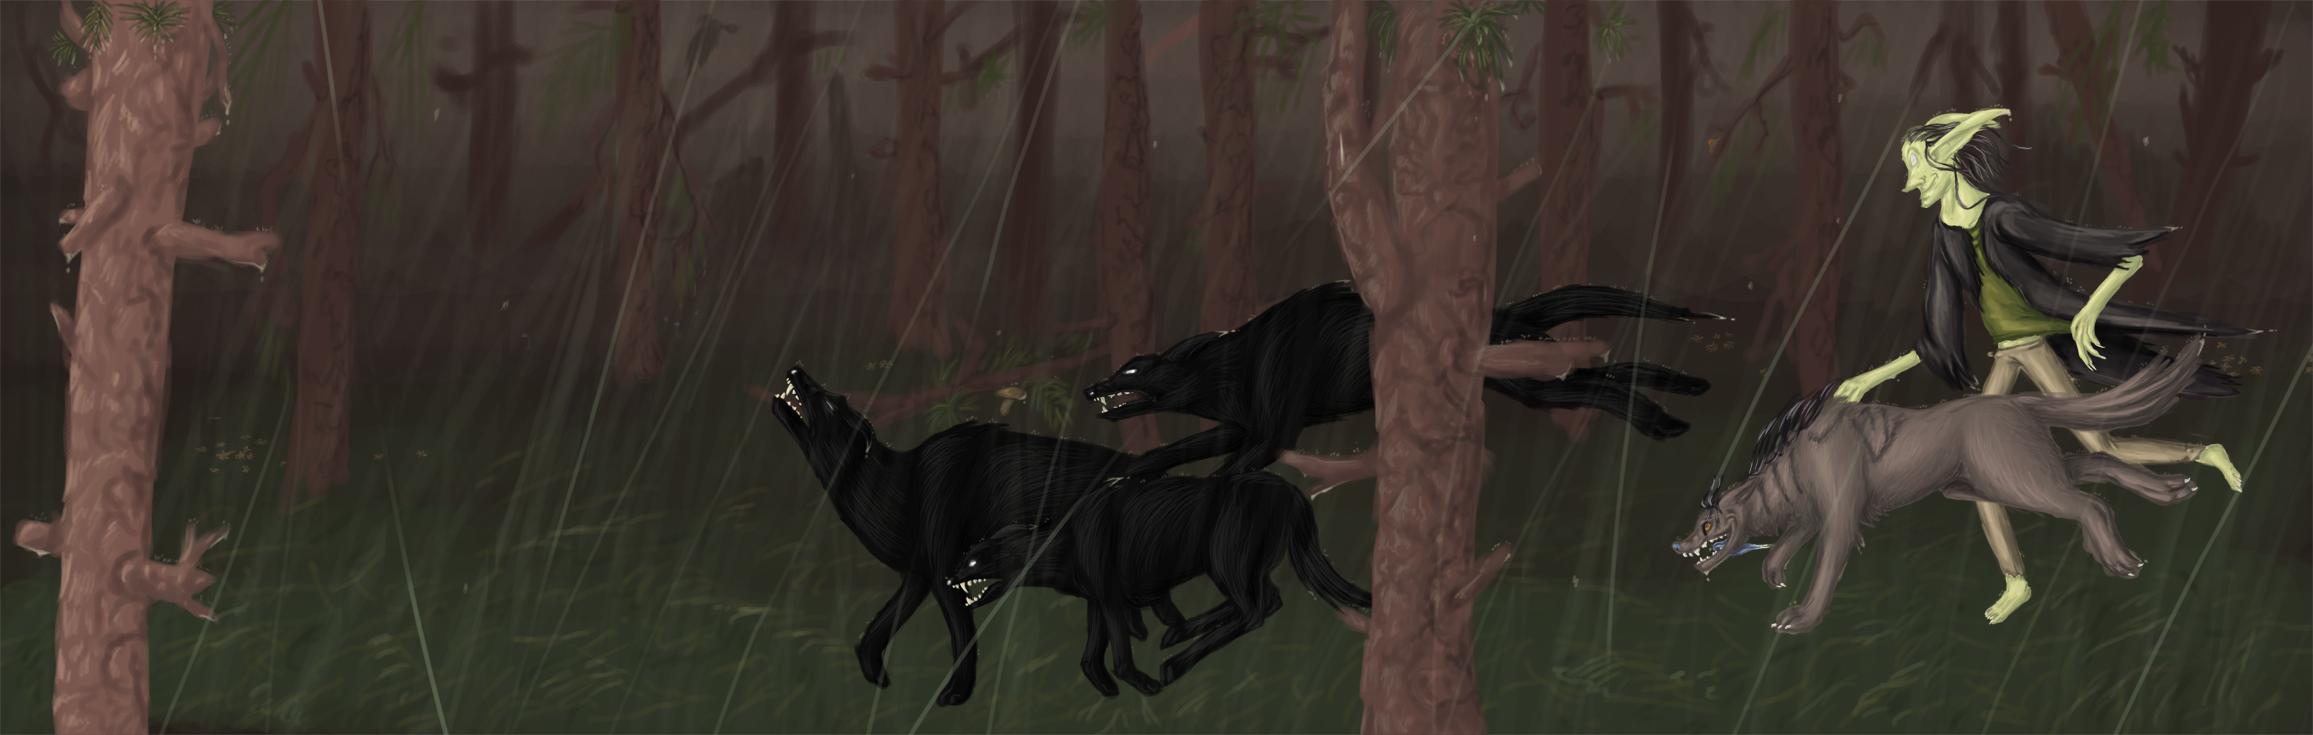 Pahantekija - through the rain by Sasiadragon